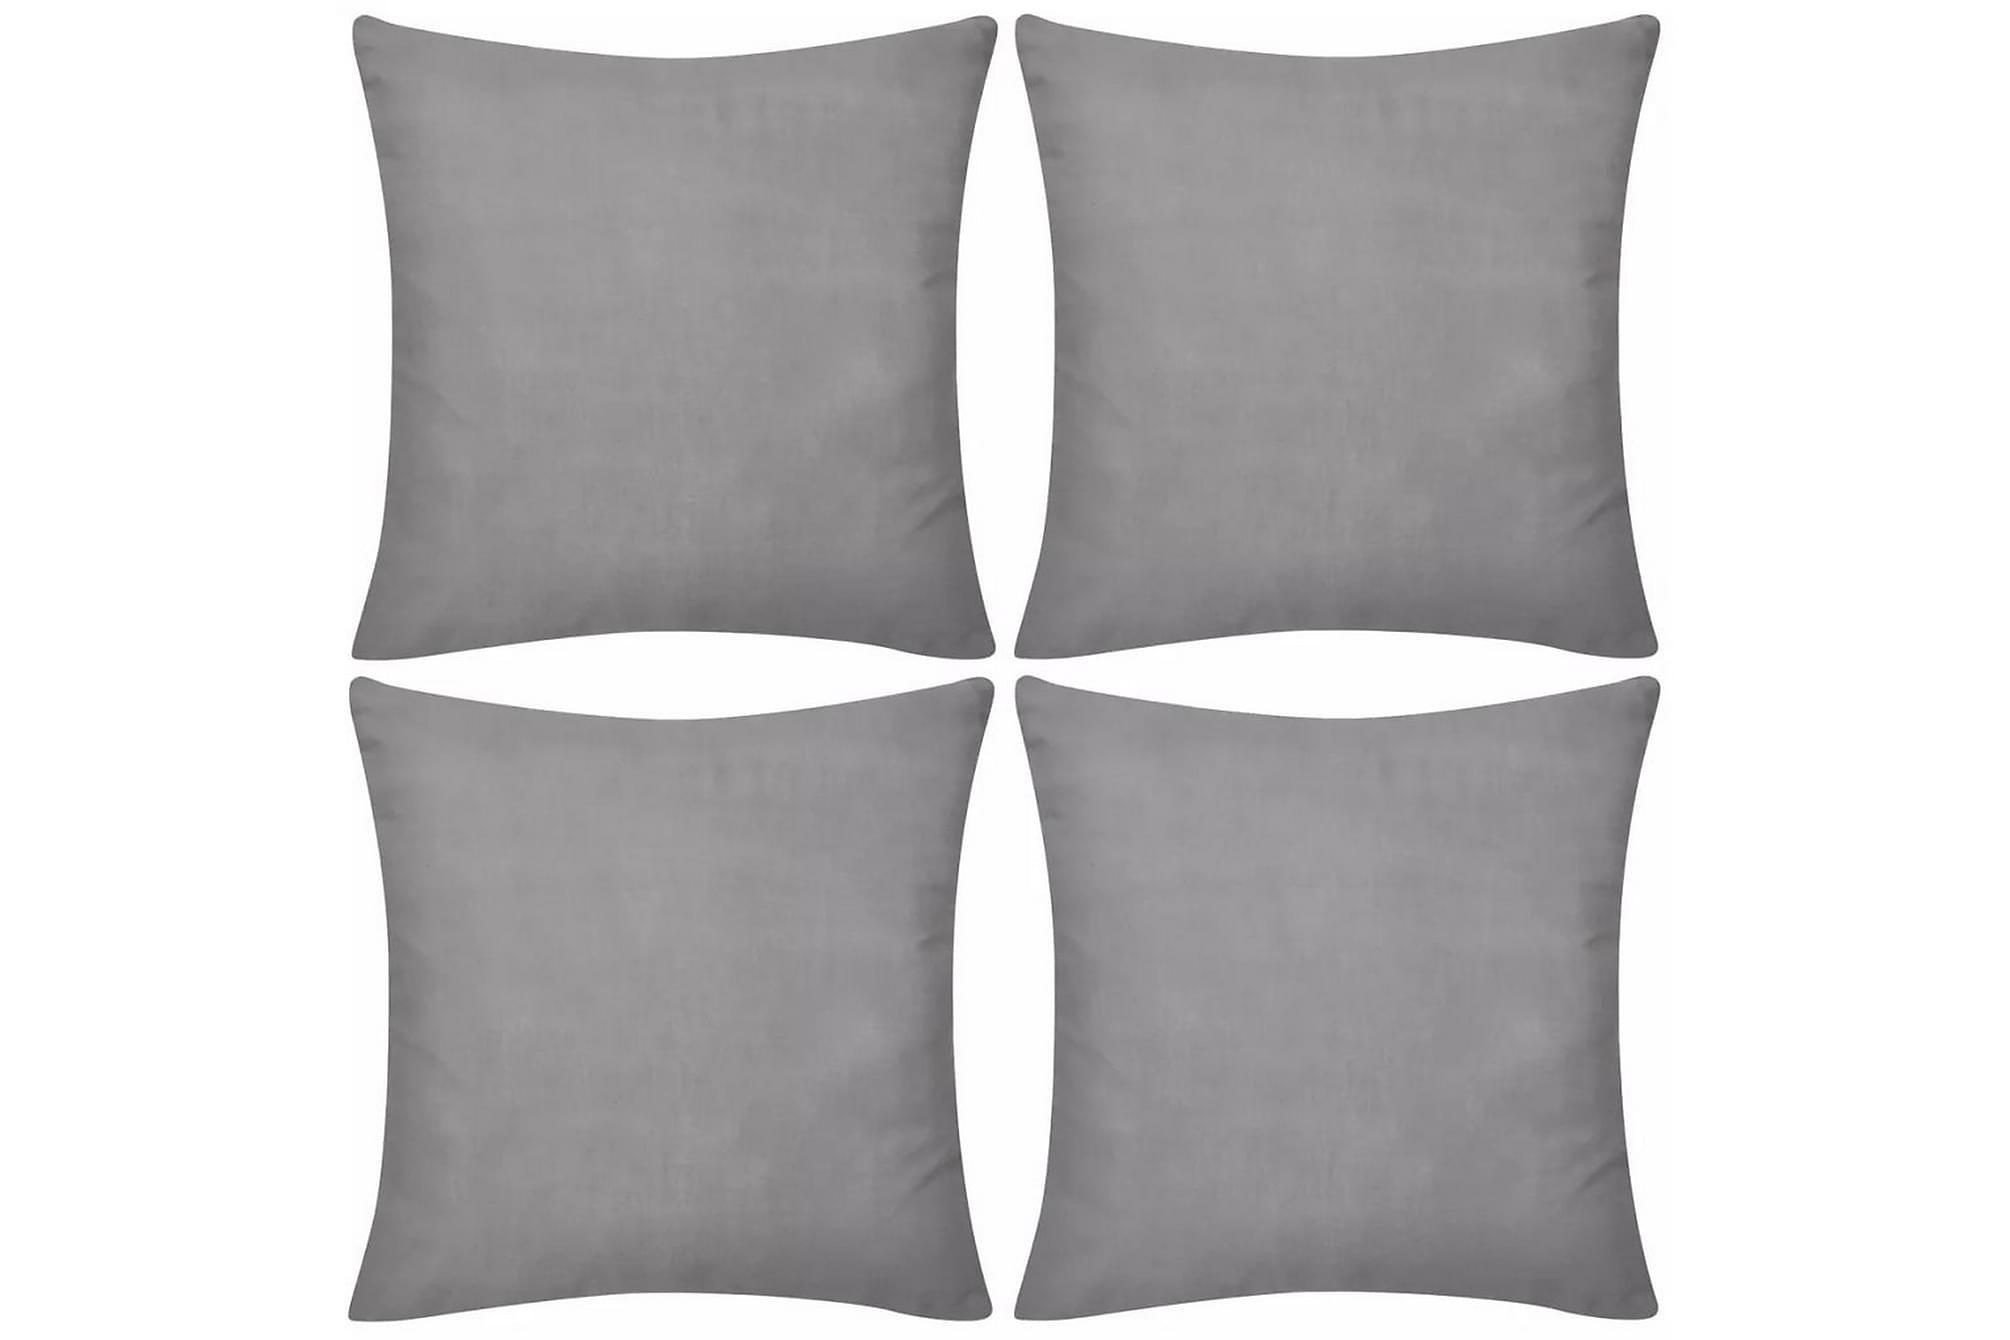 4 Kuddöverdrag i bomull gråa 50 x 50 cm, Prydnadskuddar & filtar